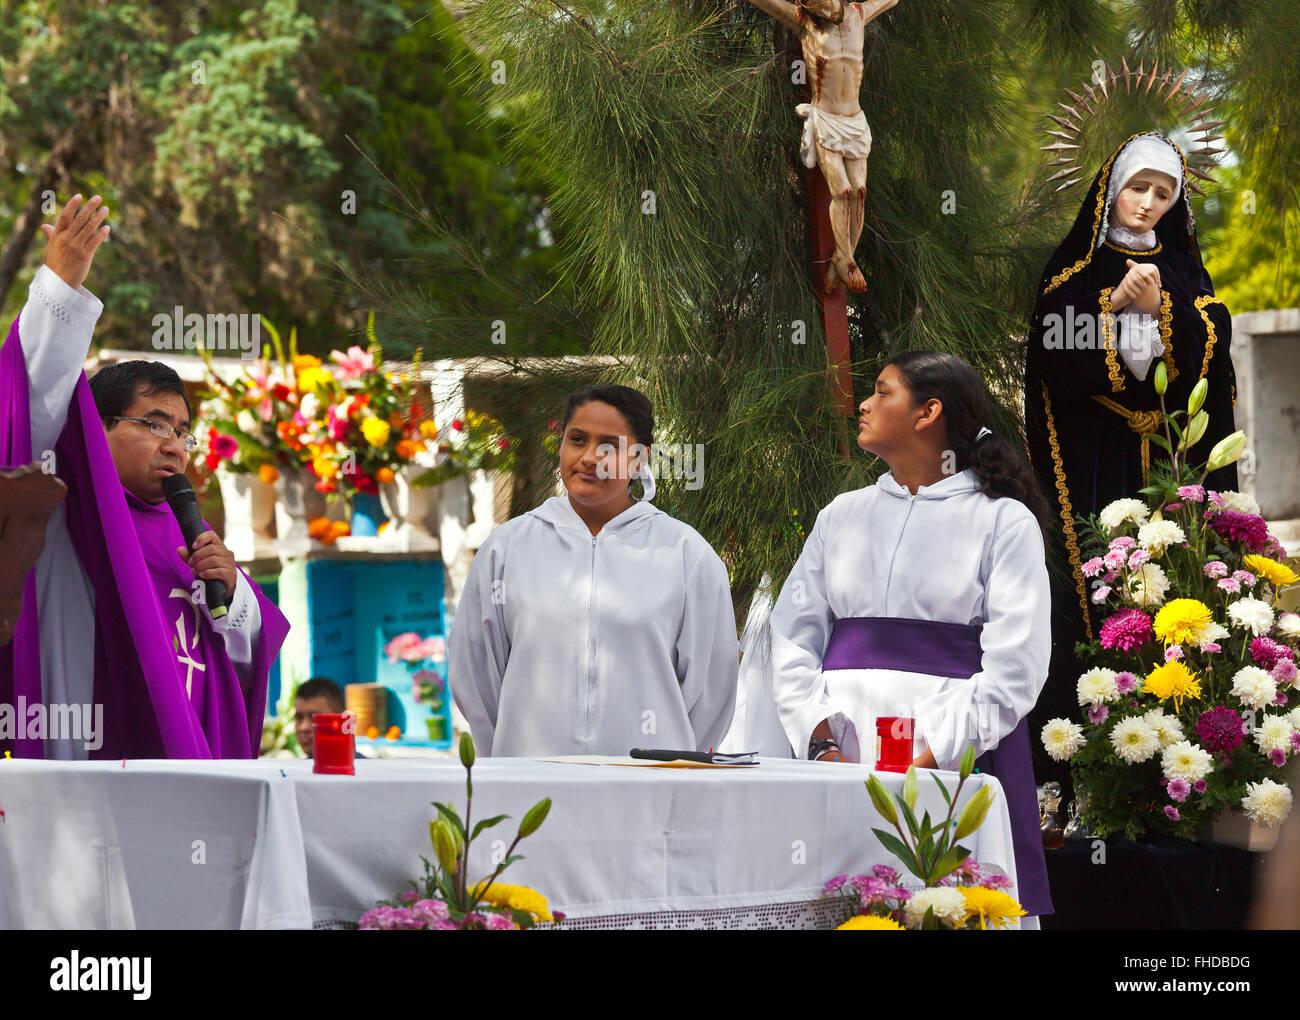 Un prêtre de préformes un service dans le cimetière durant le Jour des morts - San Miguel de Allende, Photo Stock